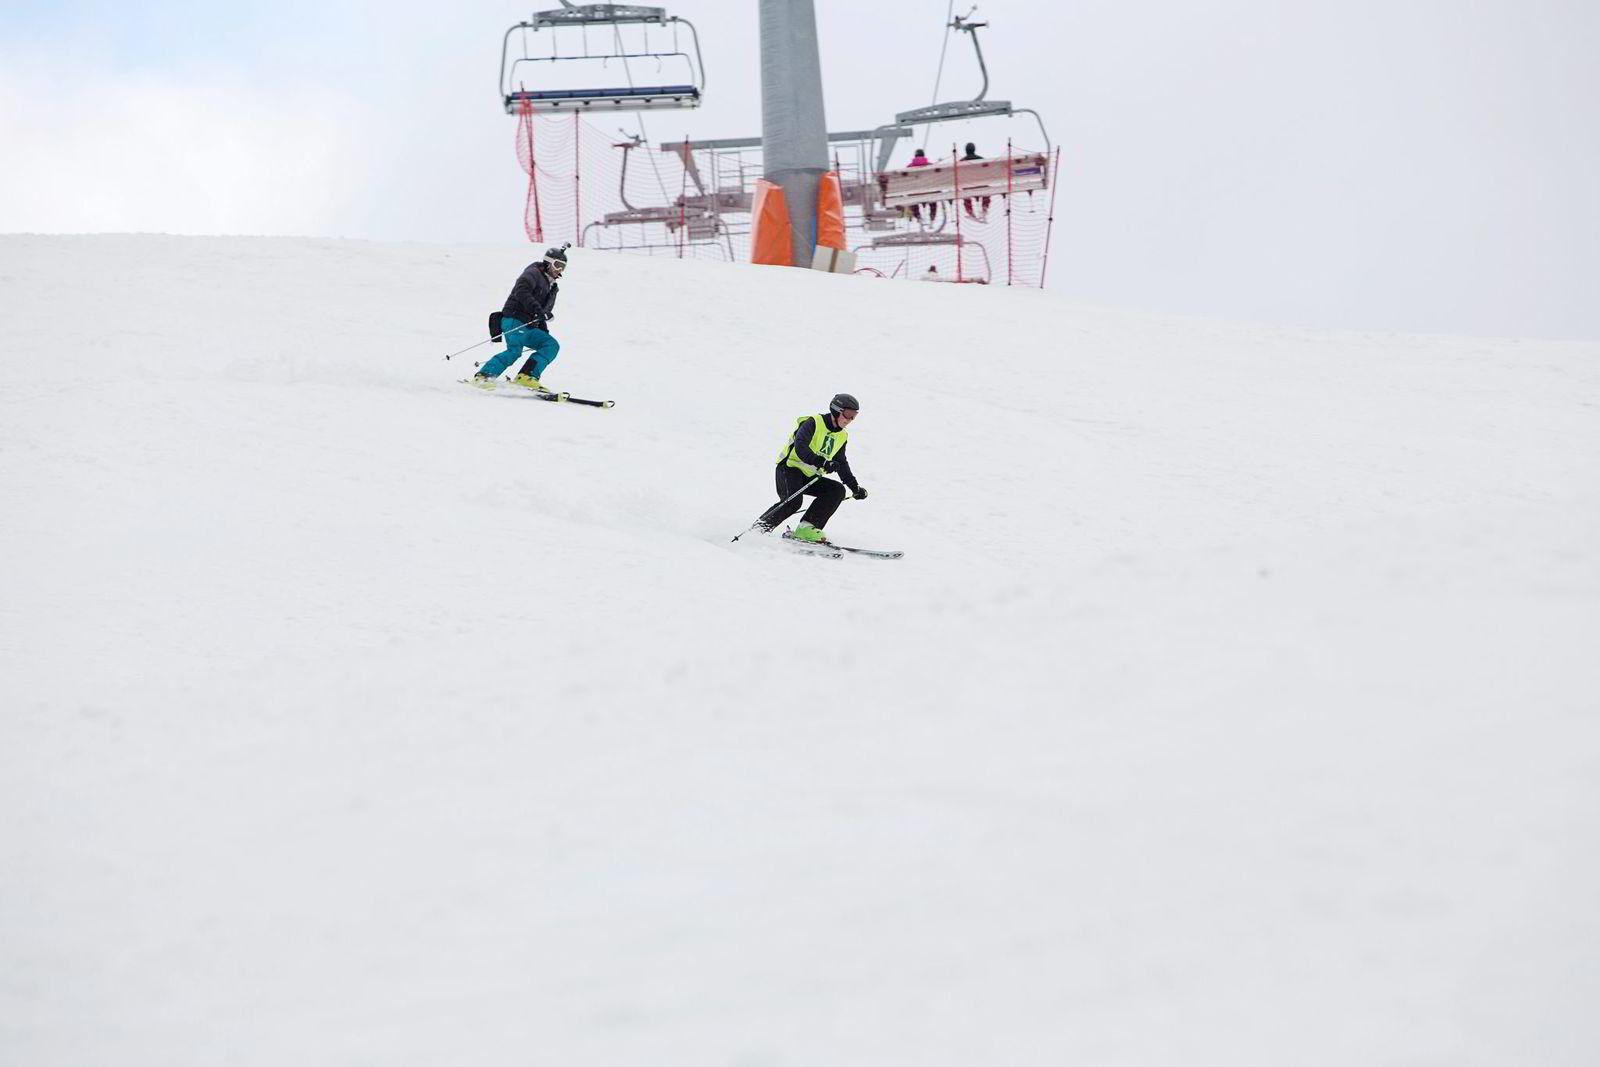 Erik Rosselands ledsager hjelper ham med svinger og heng, men resten må han selv føle. Lars Sunde Løseth er tidligere alpinist.